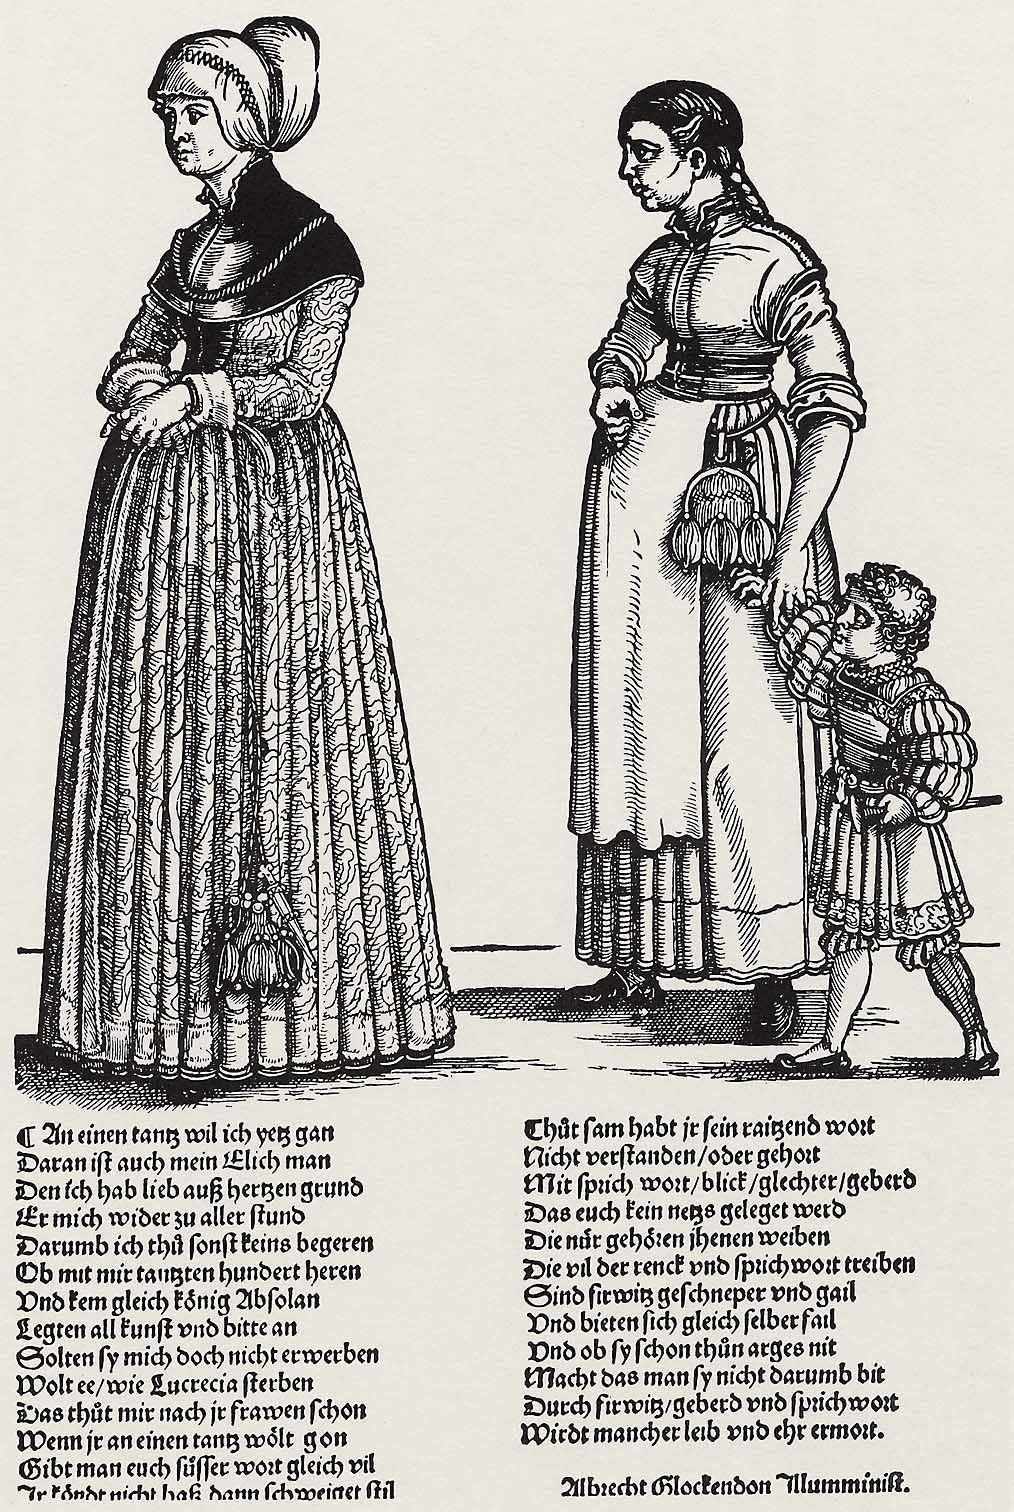 Artist: Beham, Hans Sebald, Title: Zum Tanz gehende Ehefrau, Date: ca. 1531